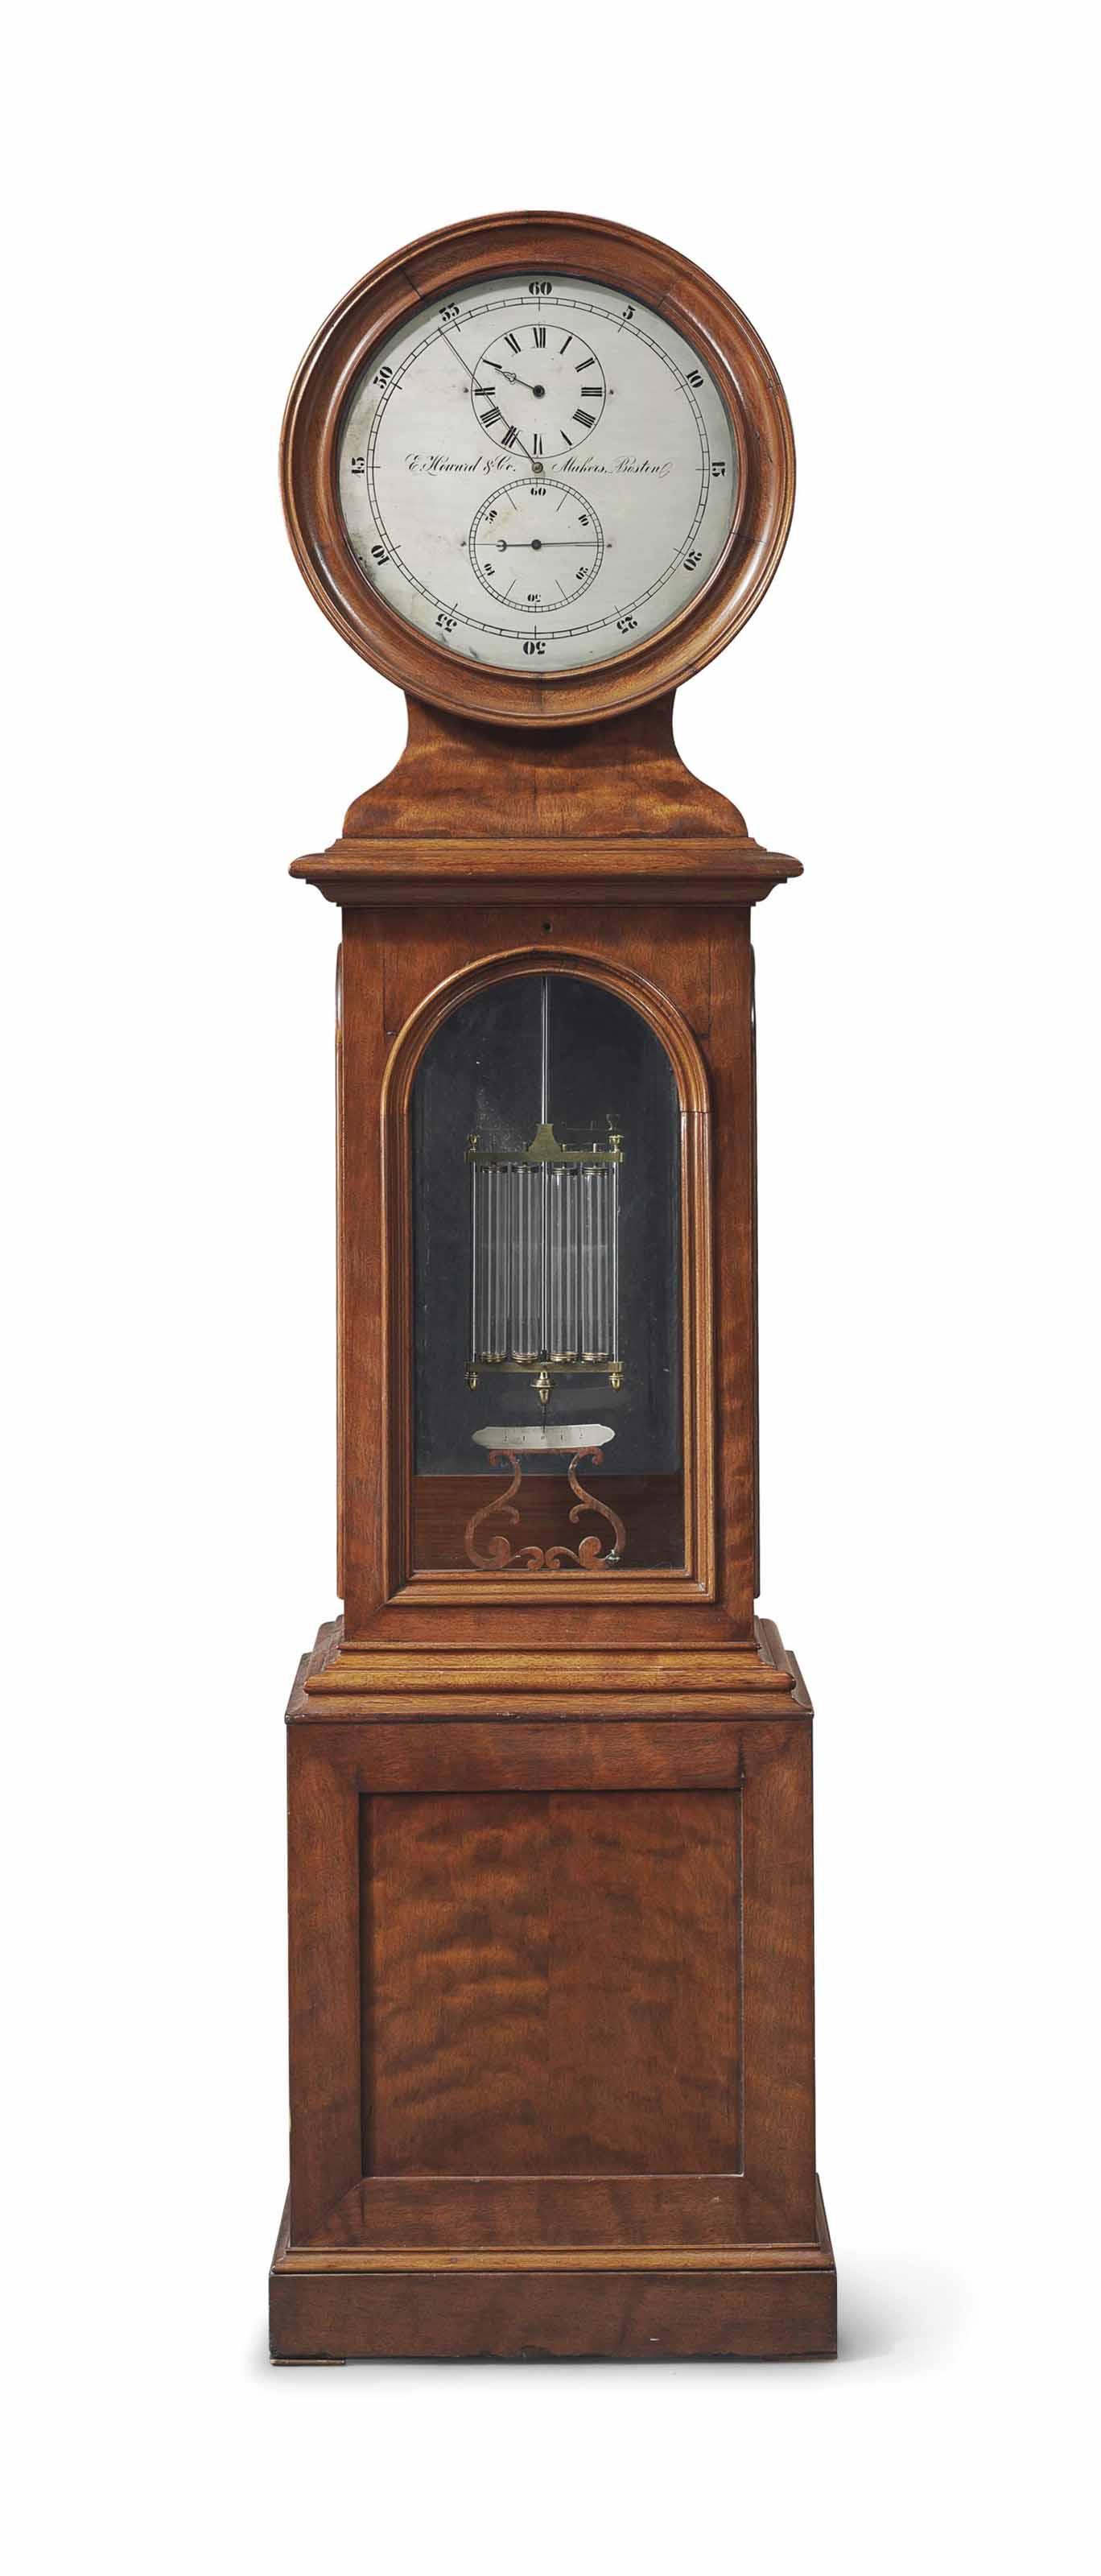 A WALNUT NO. 23 ASTRONOMICAL REGULATOR